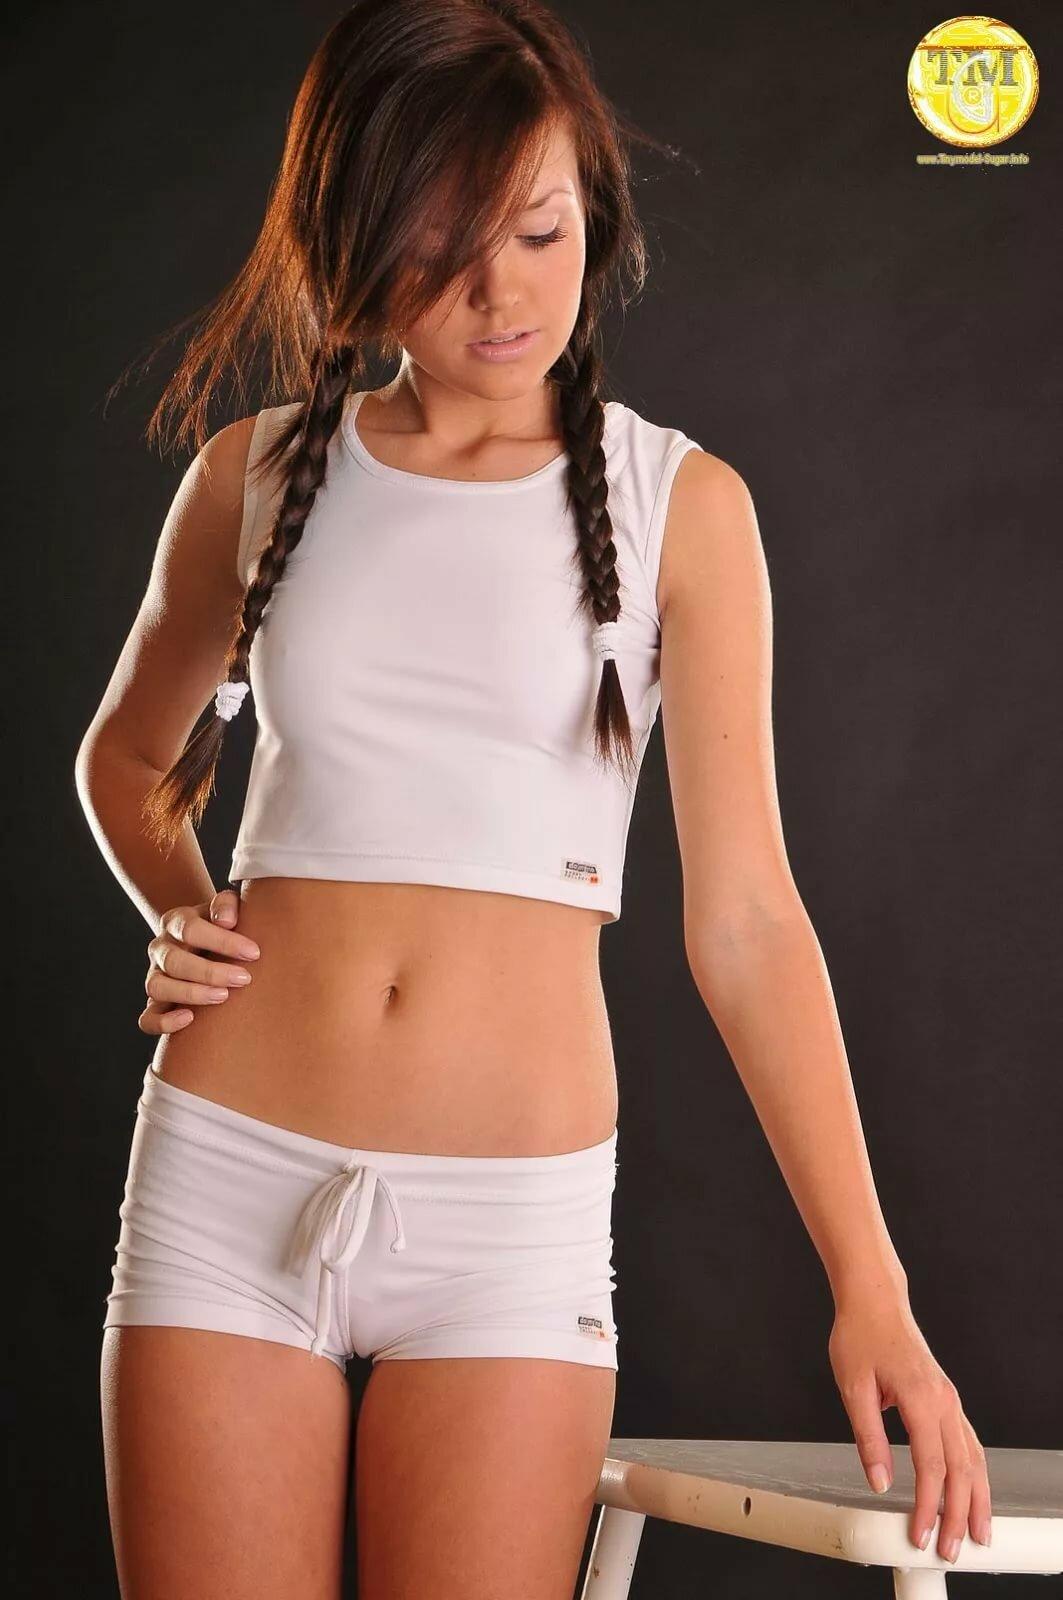 daily-vagina-art-young-model-pics